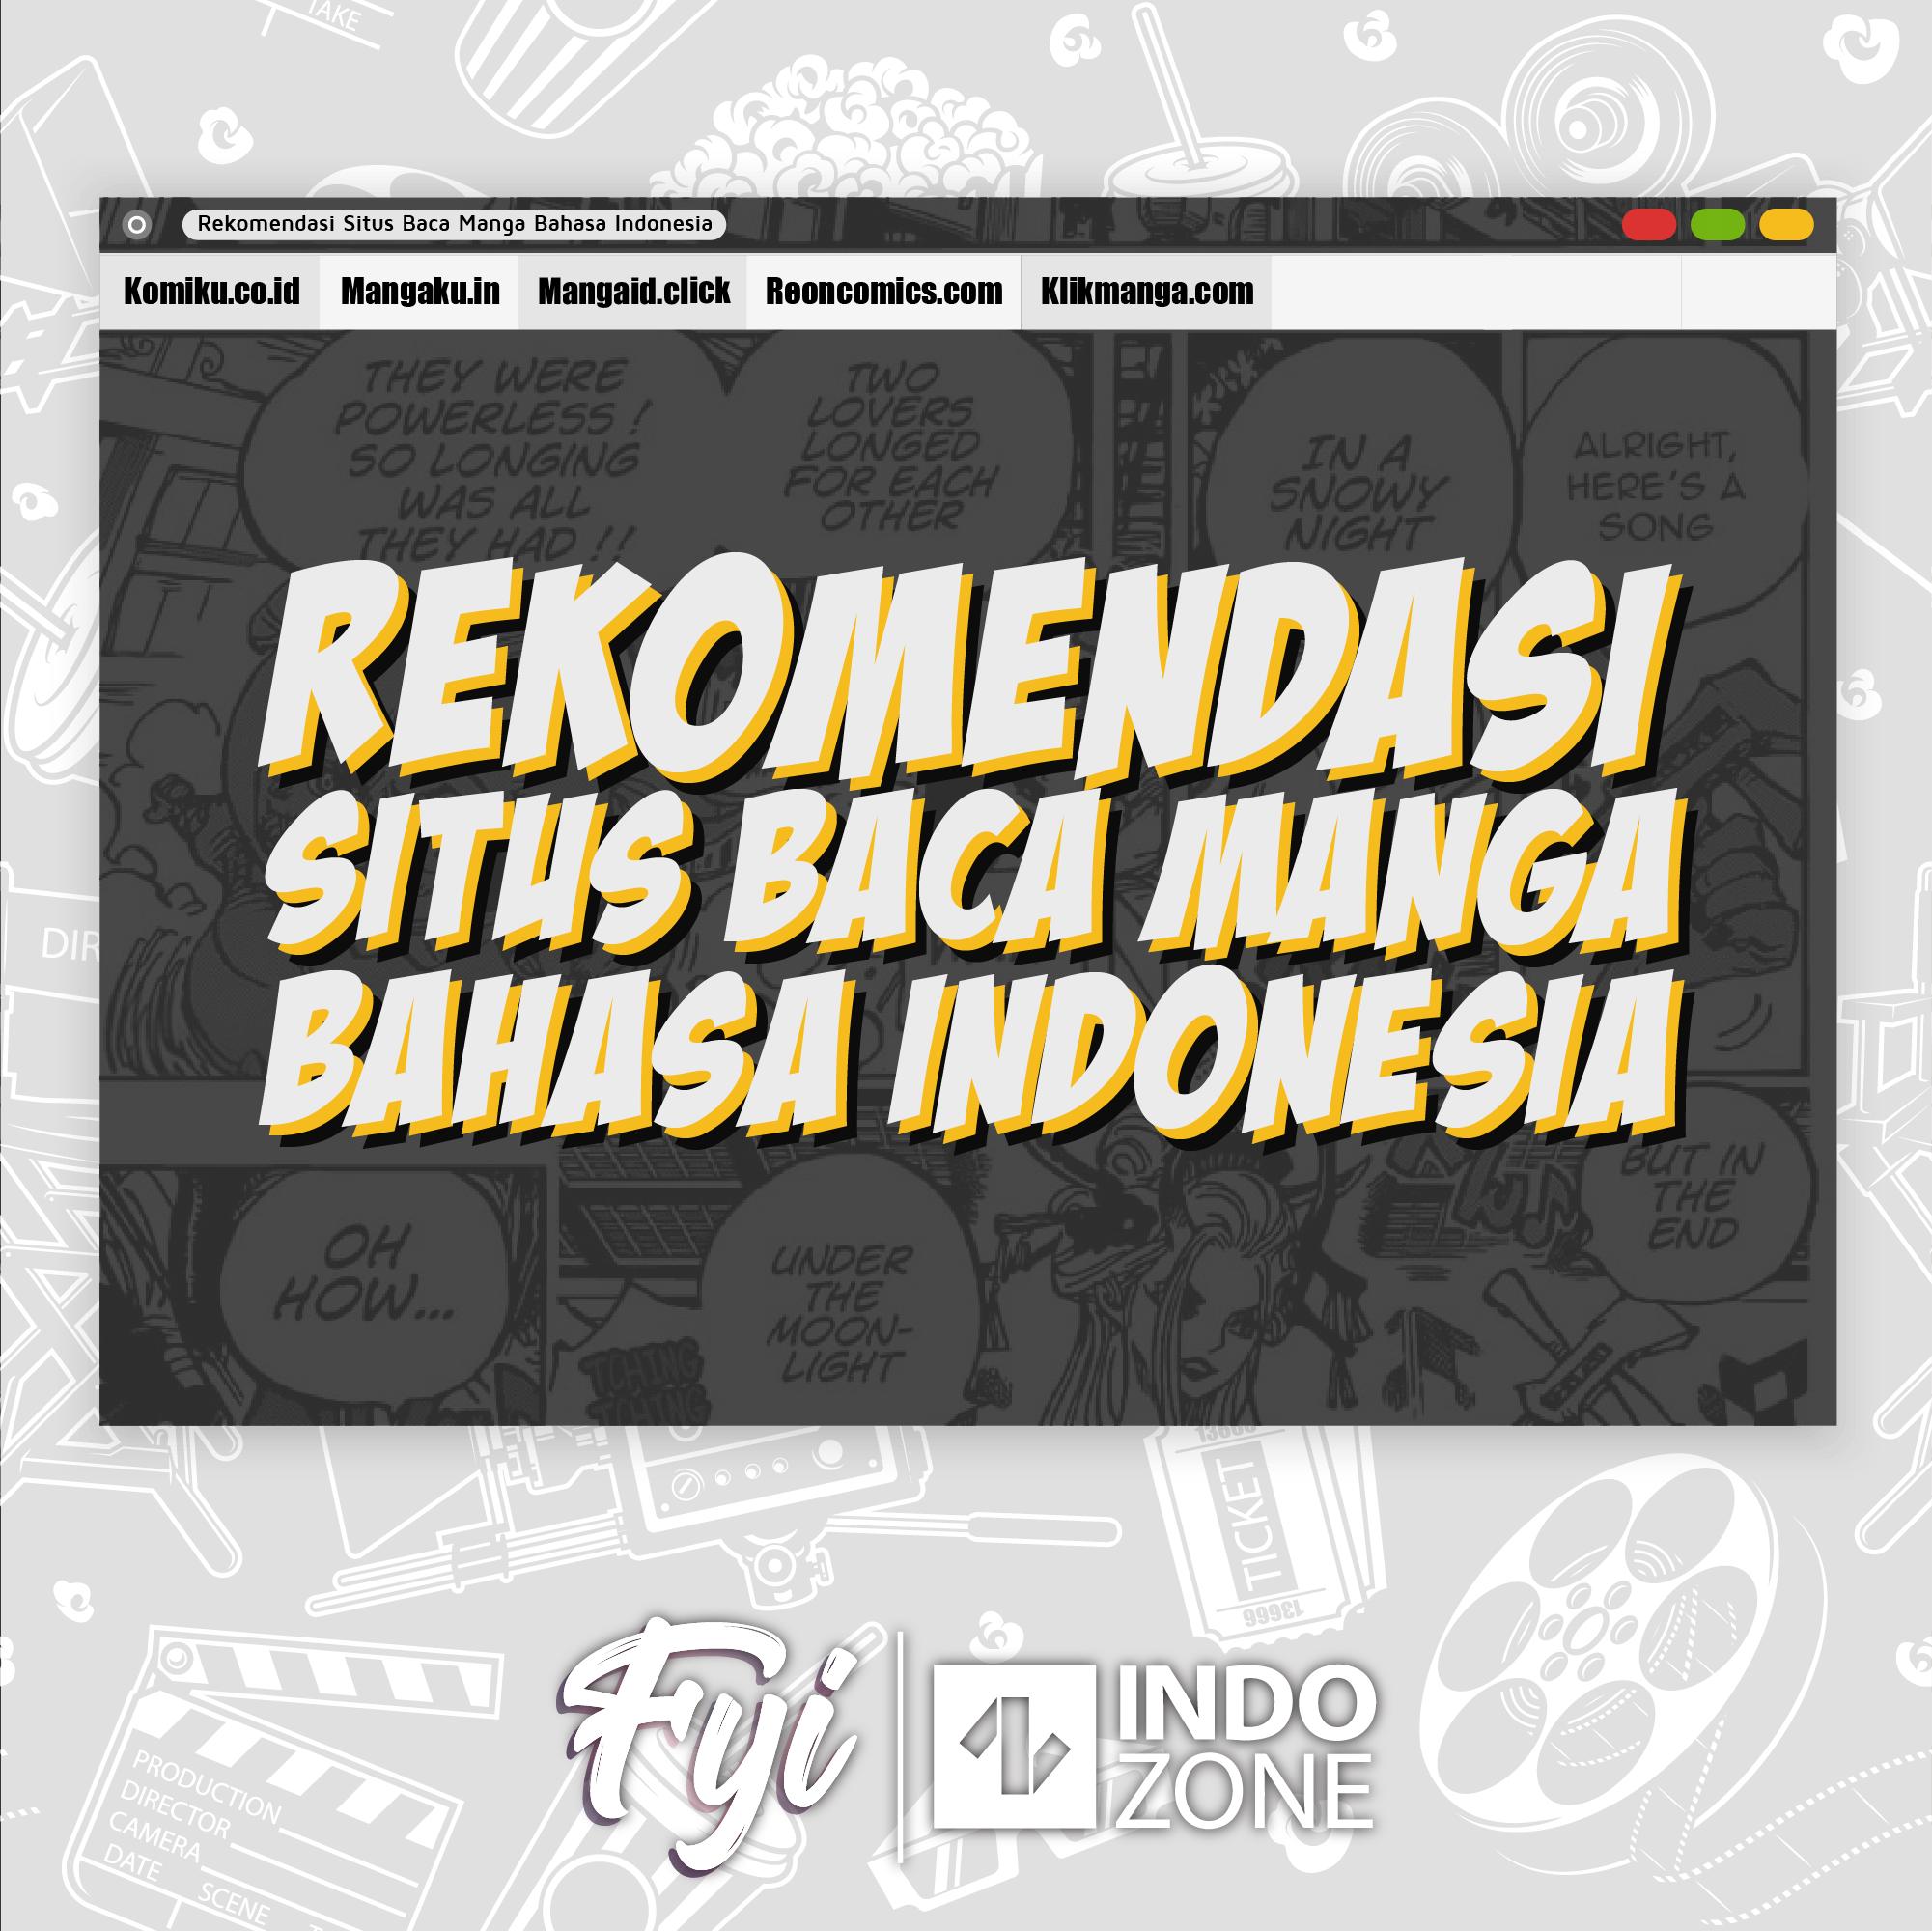 Rekomendasi Situs Baca Manga Bahasa Indonesia